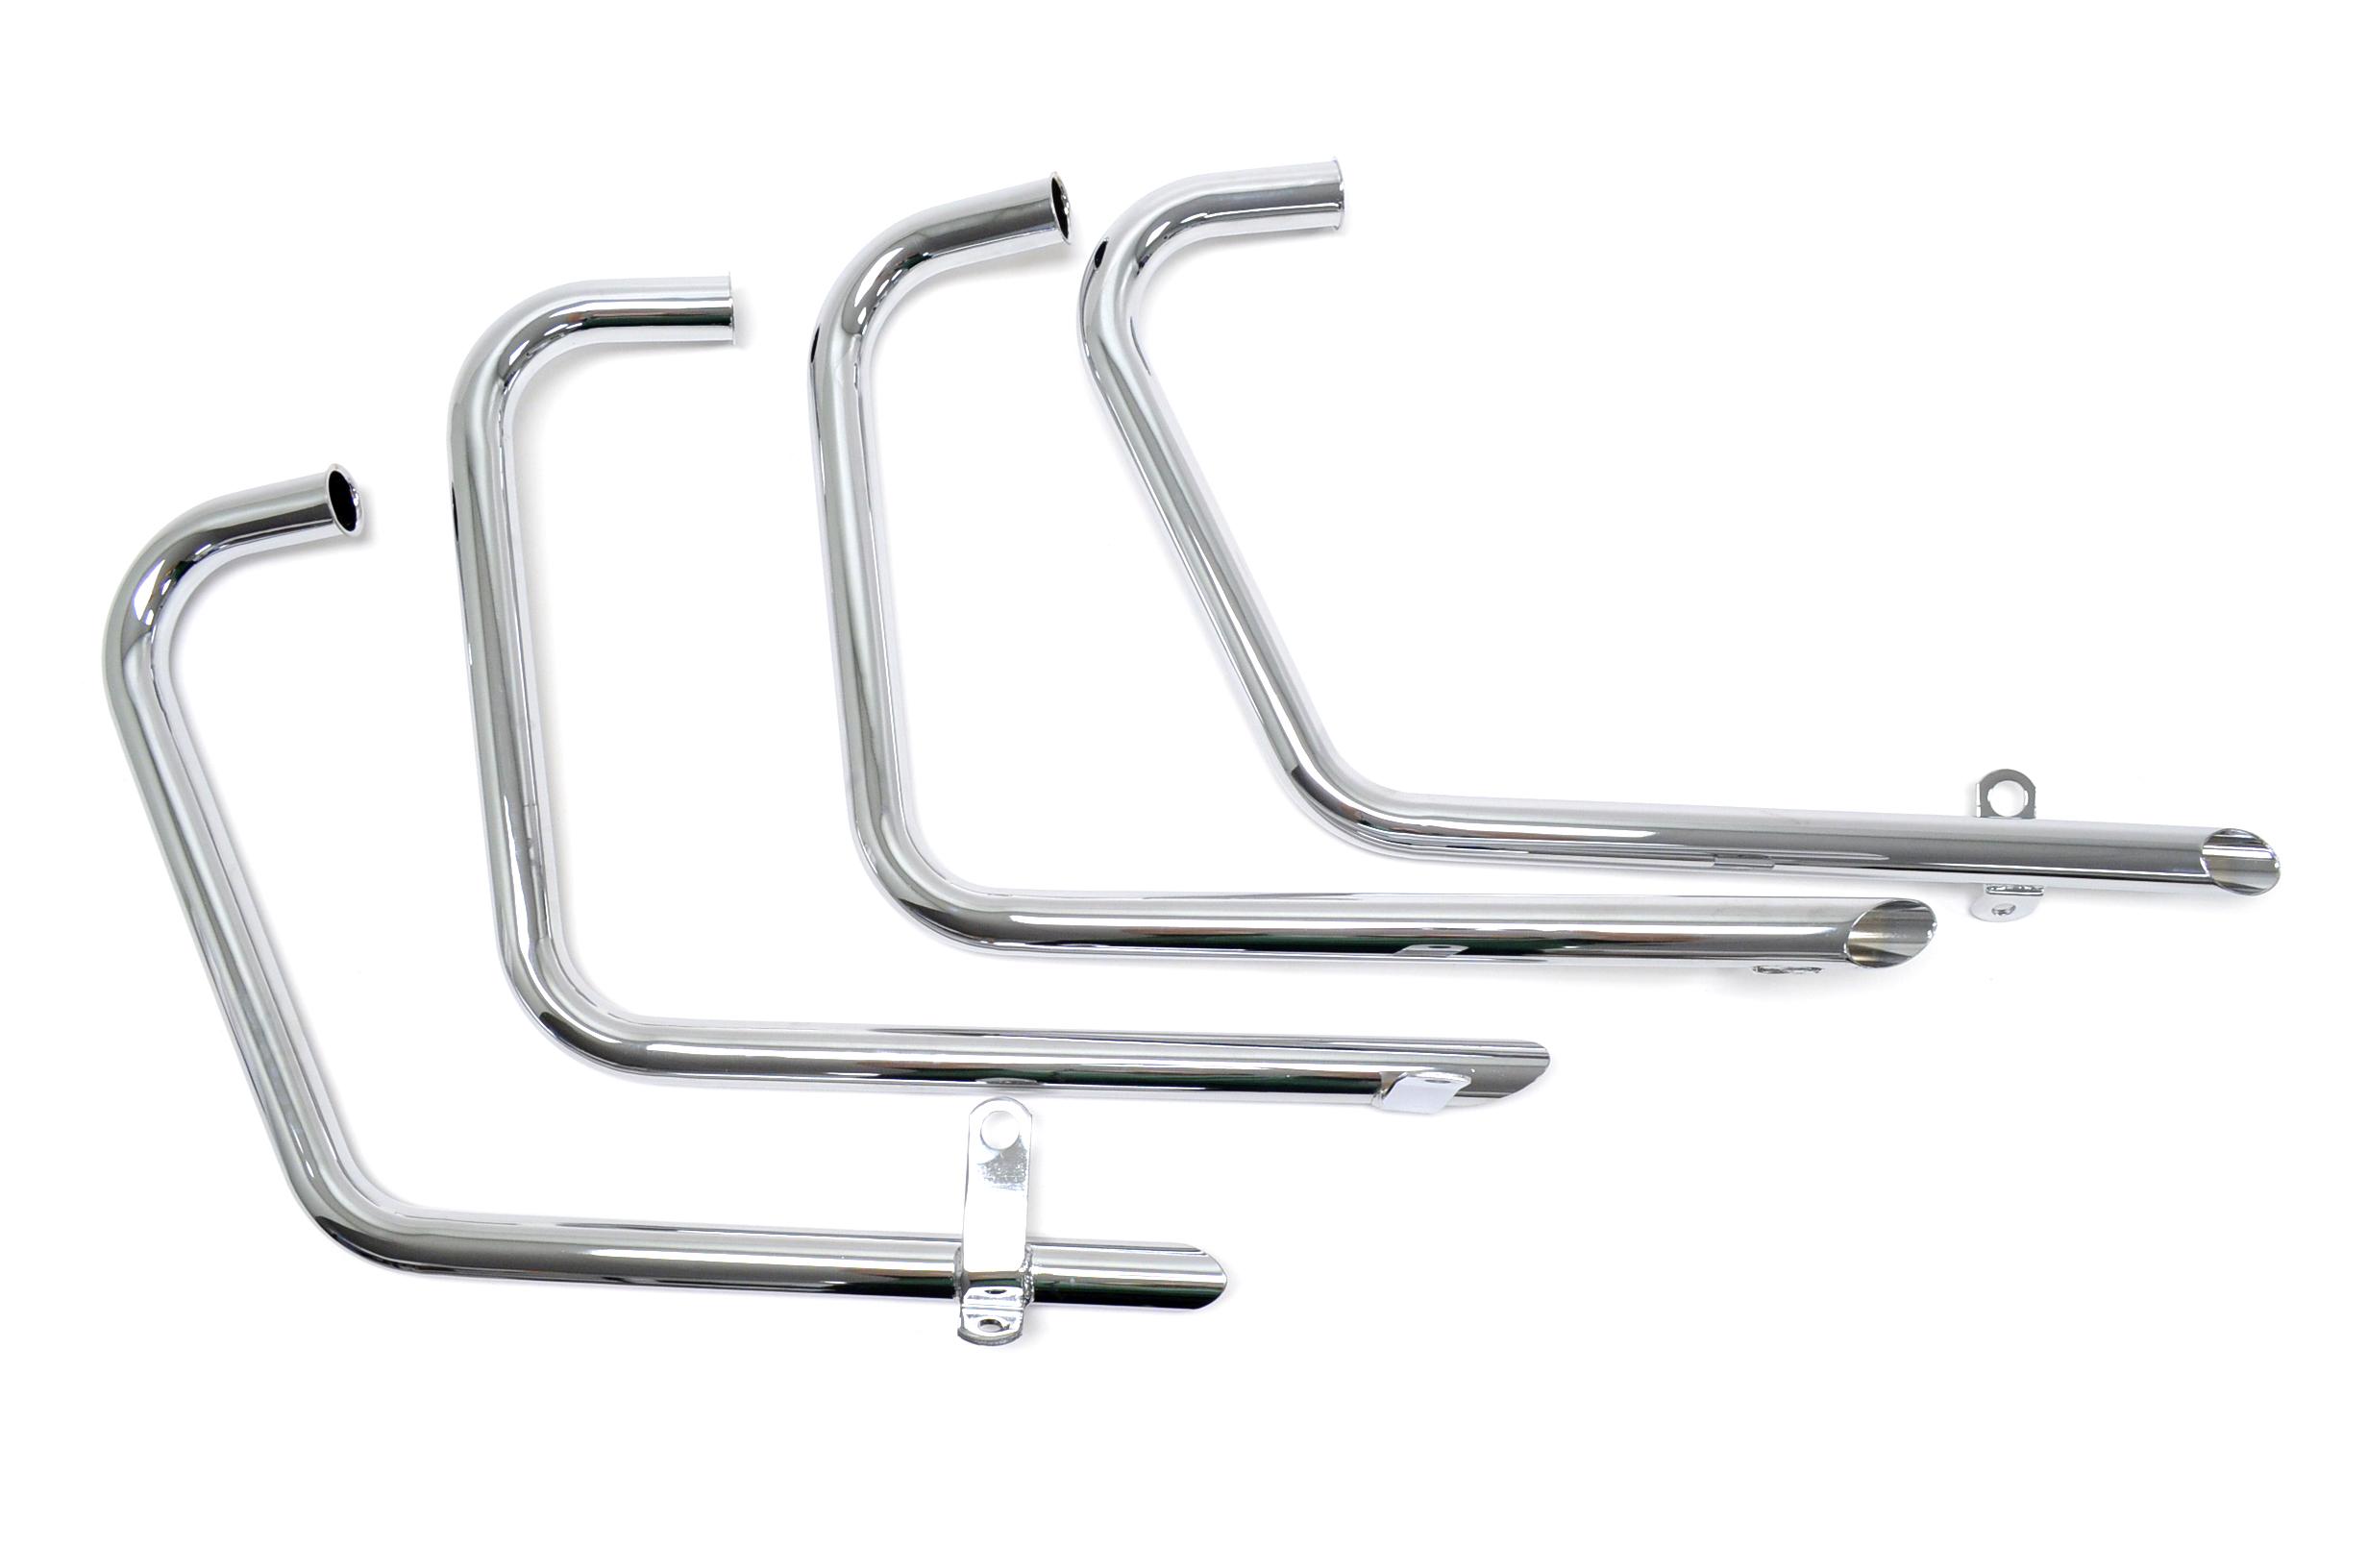 Honda Cb500 4 Cb550 4 4 Drag Tt Pipes Chrome Exhaust